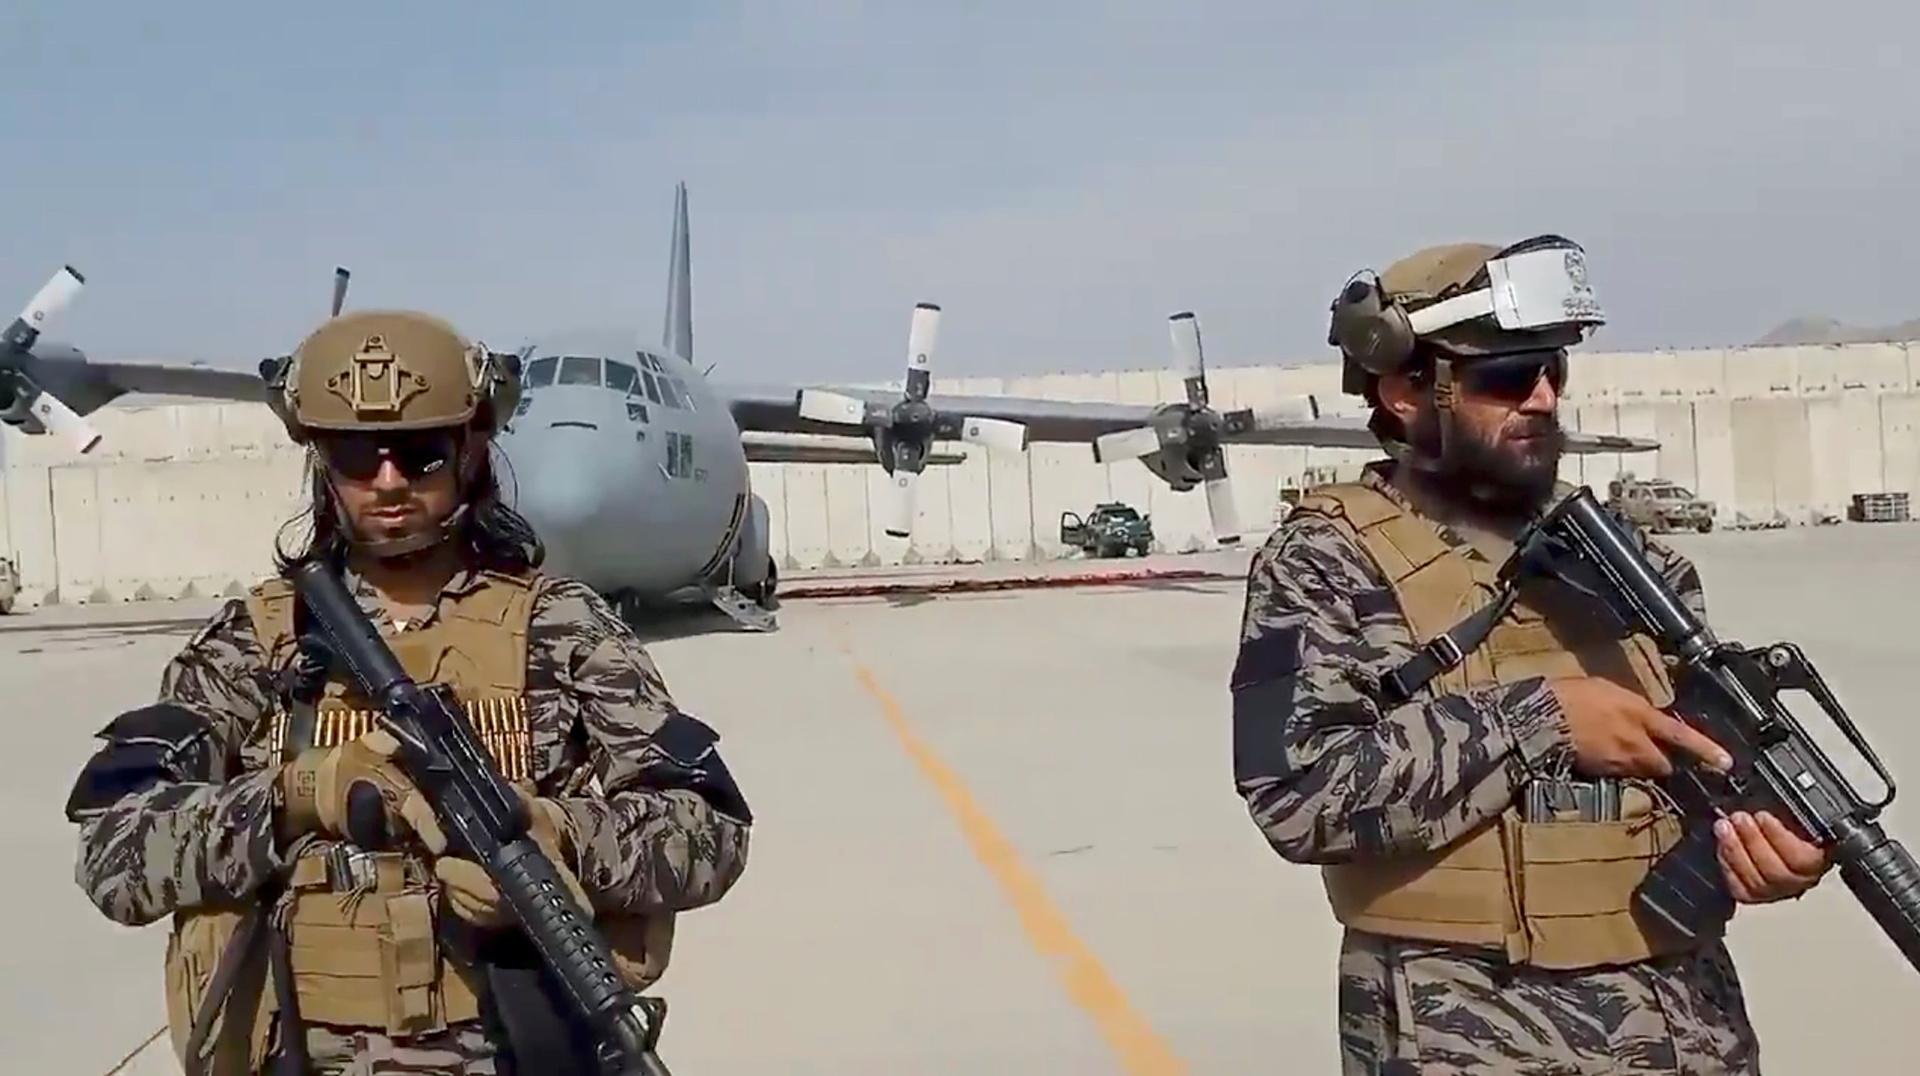 مصادر لـRT: فريق العمل المشترك يؤكد أن مطار كابل سيكون جاهزا لاستقبال الرحلات الدولية في غضون 3 أيام